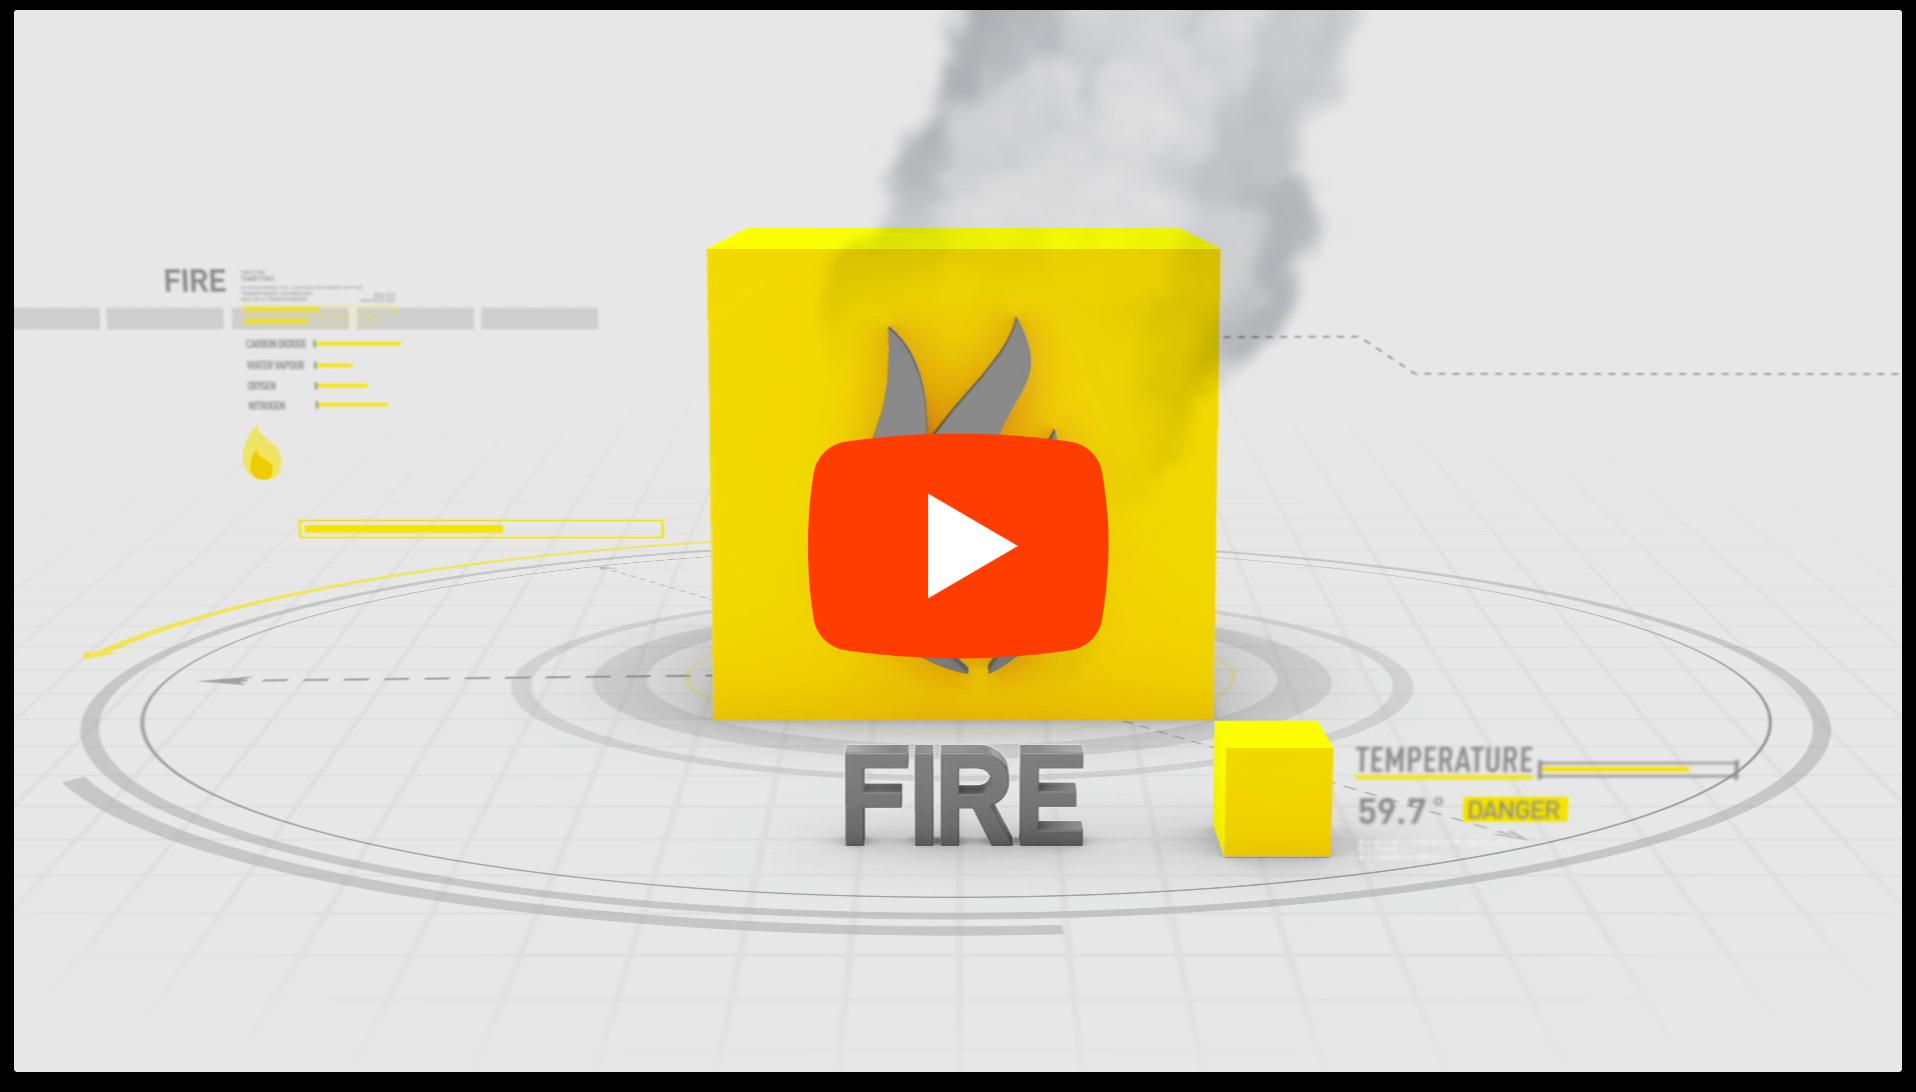 <p>မီး</p>